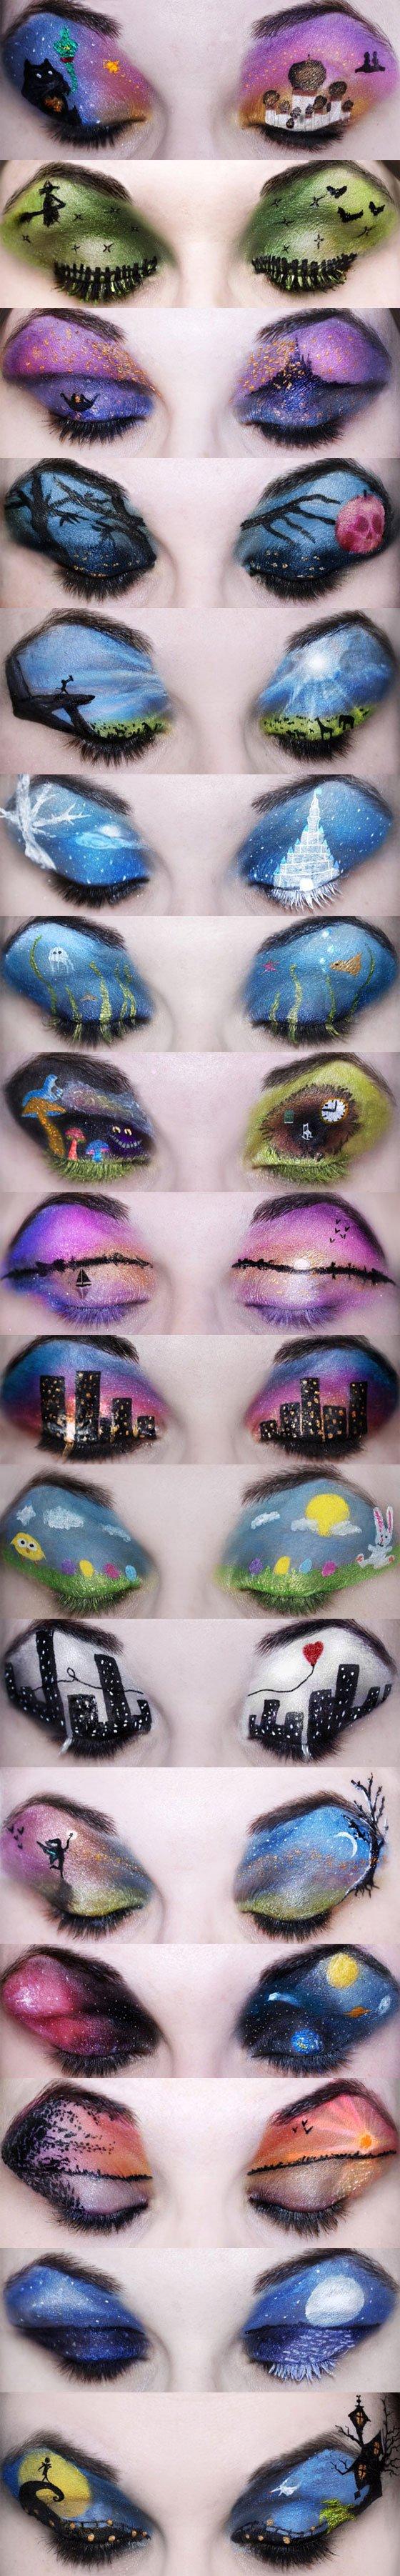 Disney Eye shadow wow I LOVE DISNEY